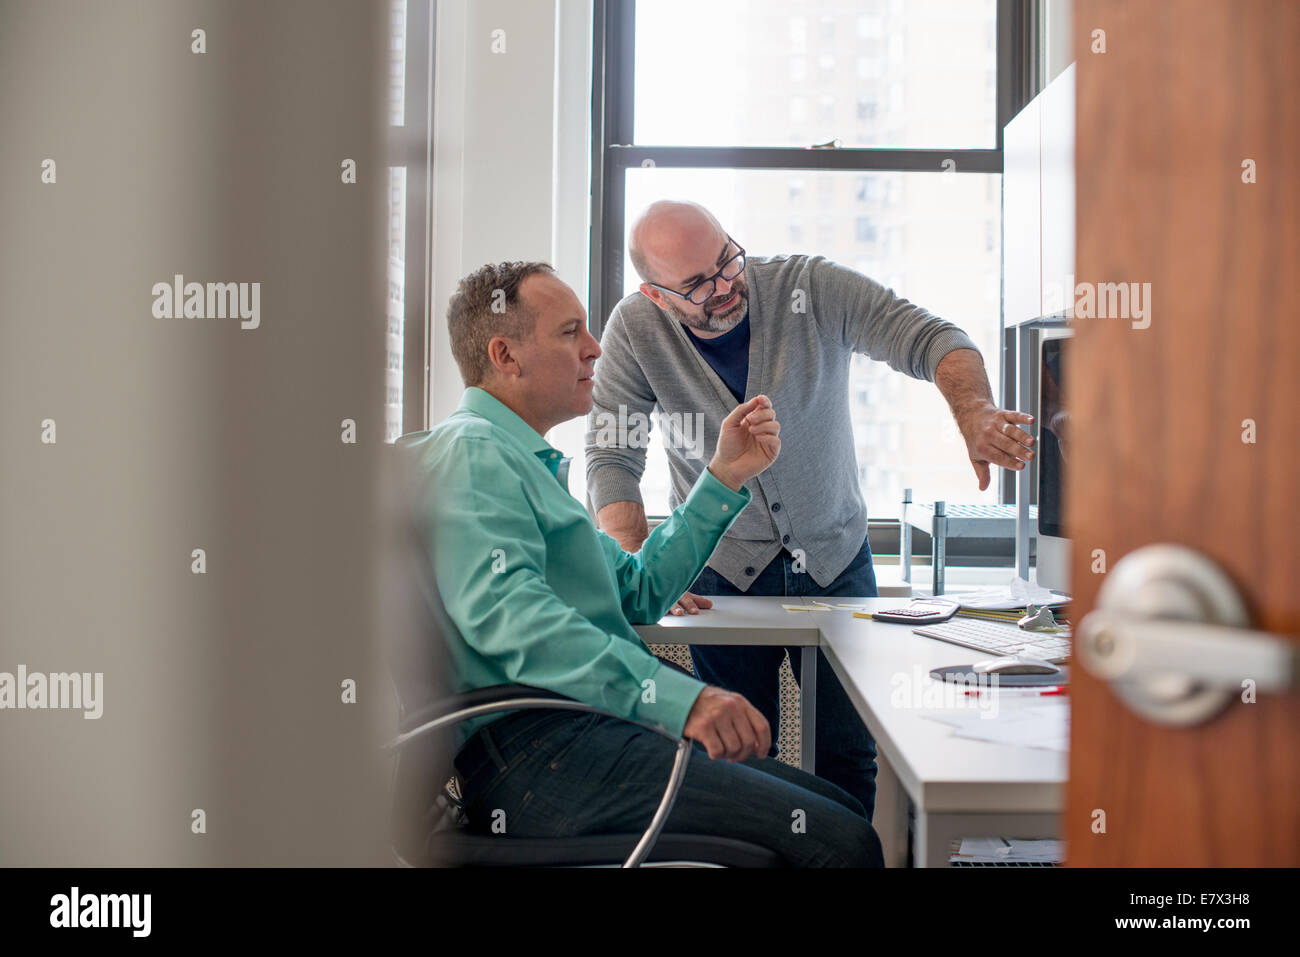 Zwei Männer in einem Büro, einem Computer-Bildschirm betrachten. Stockbild